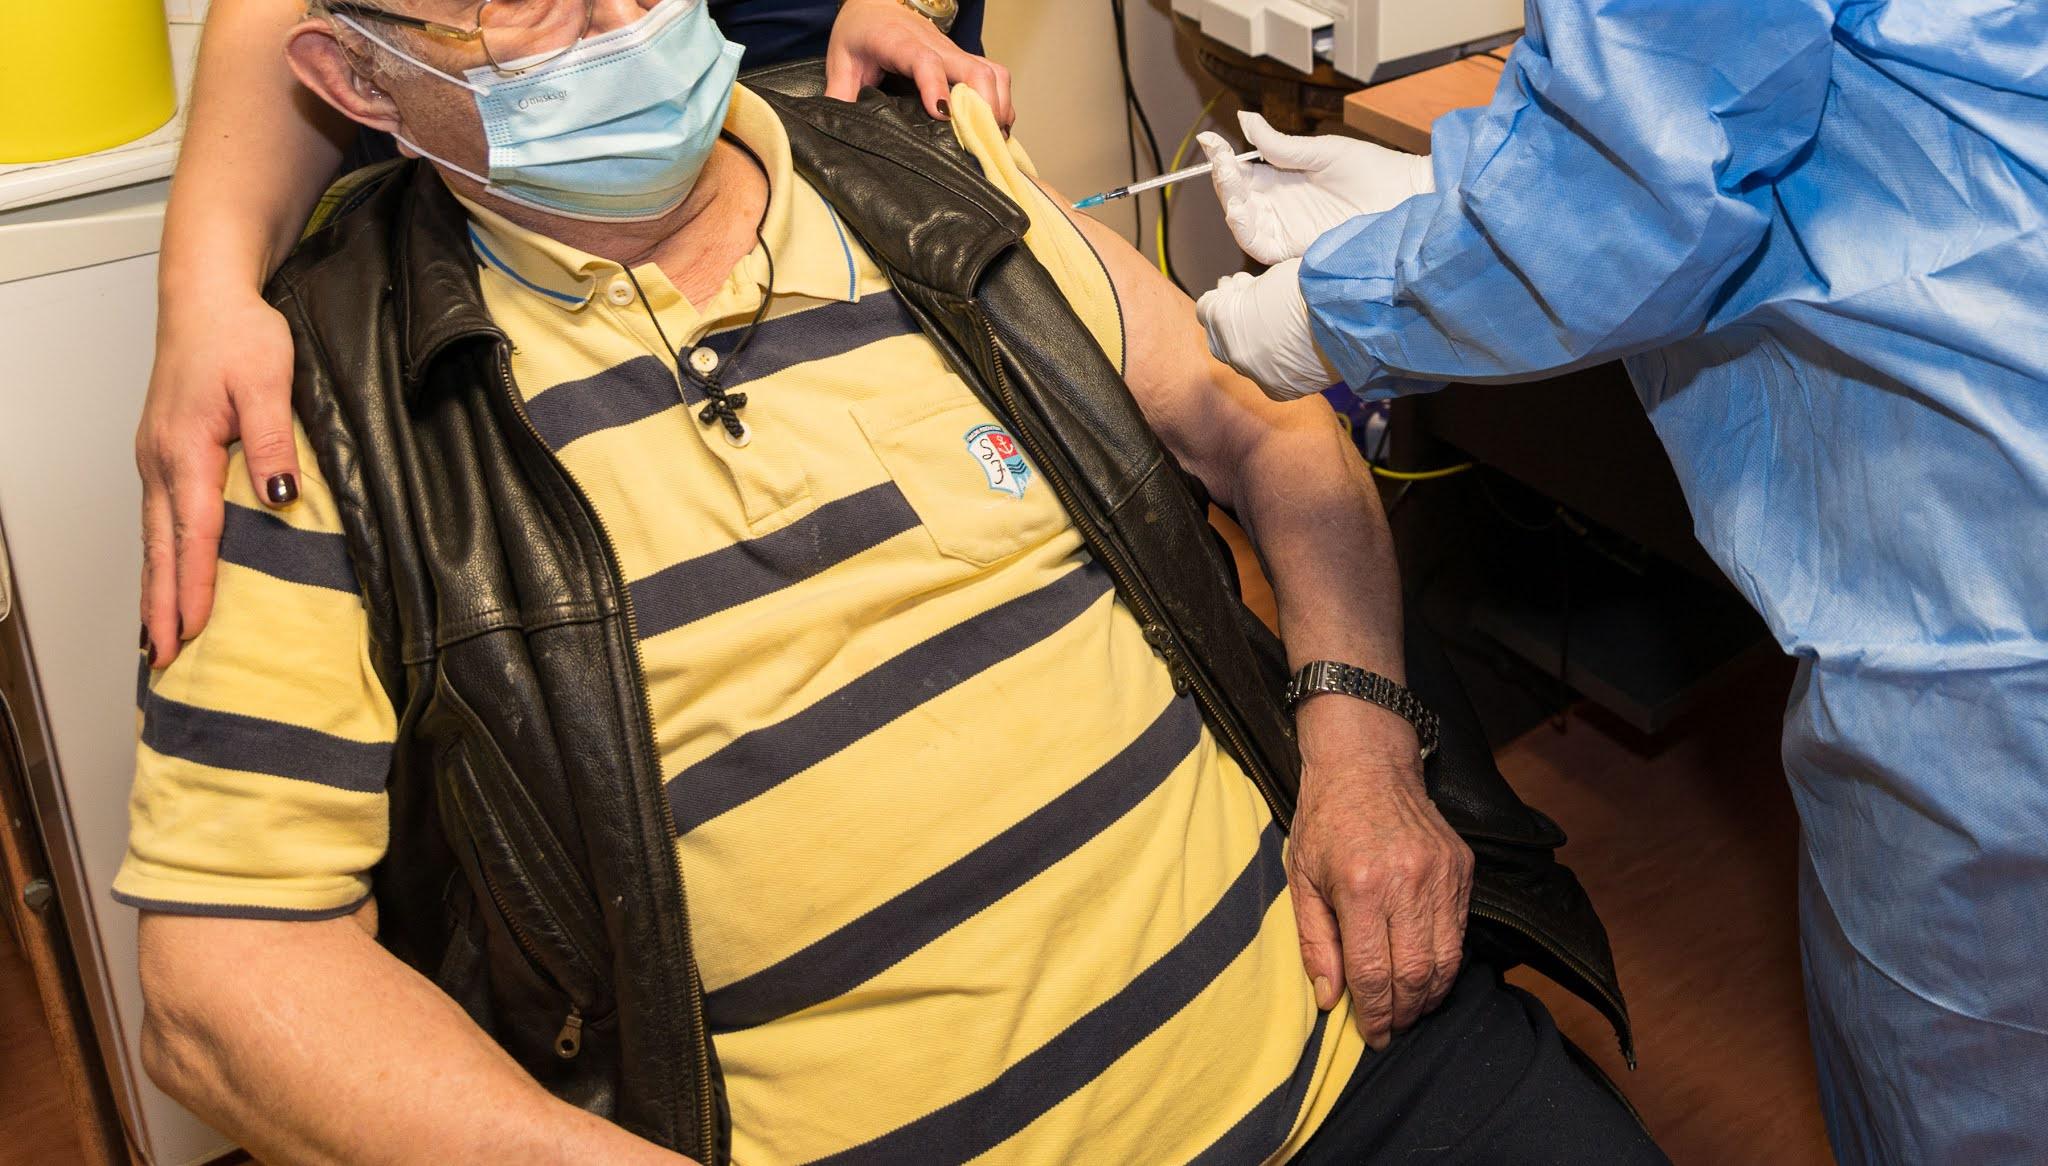 Έκανε το εμβόλιο για τον κορονοϊό ο Μητροπολίτης Ξάνθης